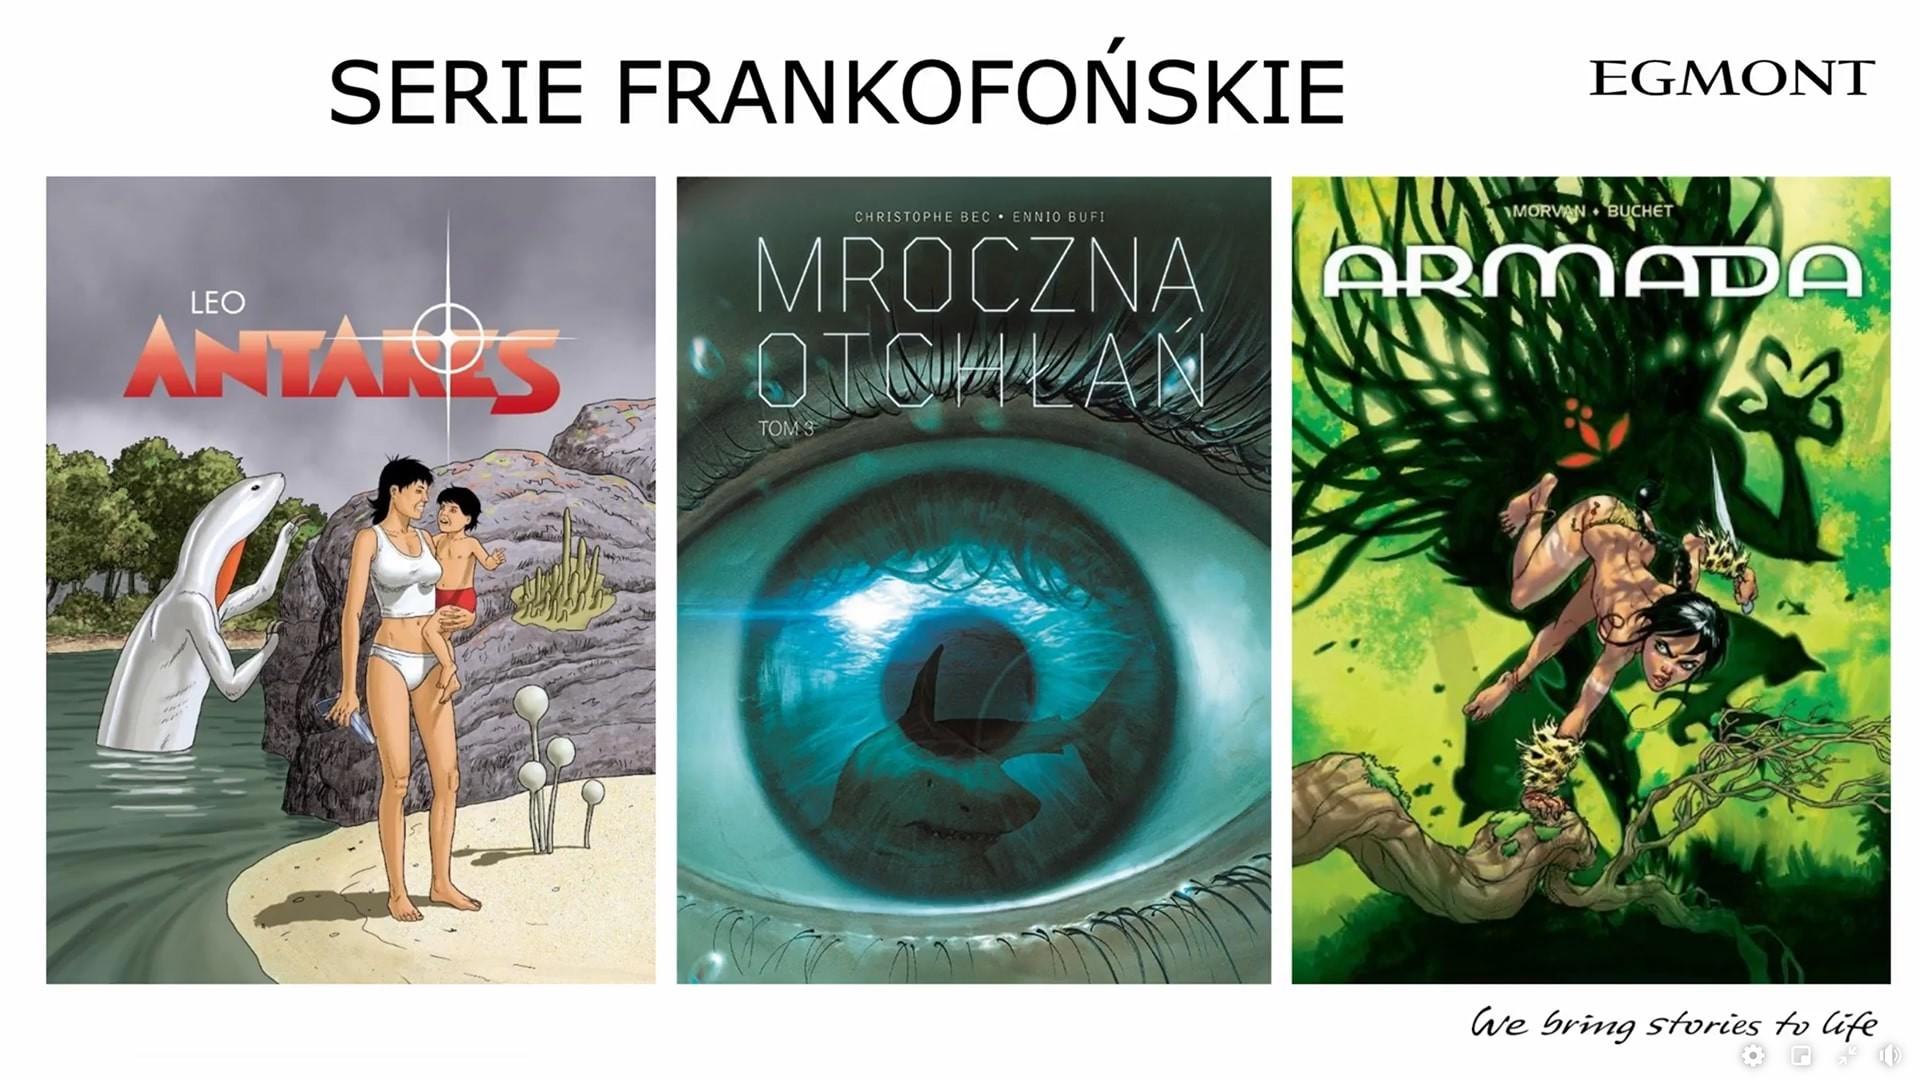 Komiksy Frankofońskie Egmontu na 2021 dwa tomy w 2021